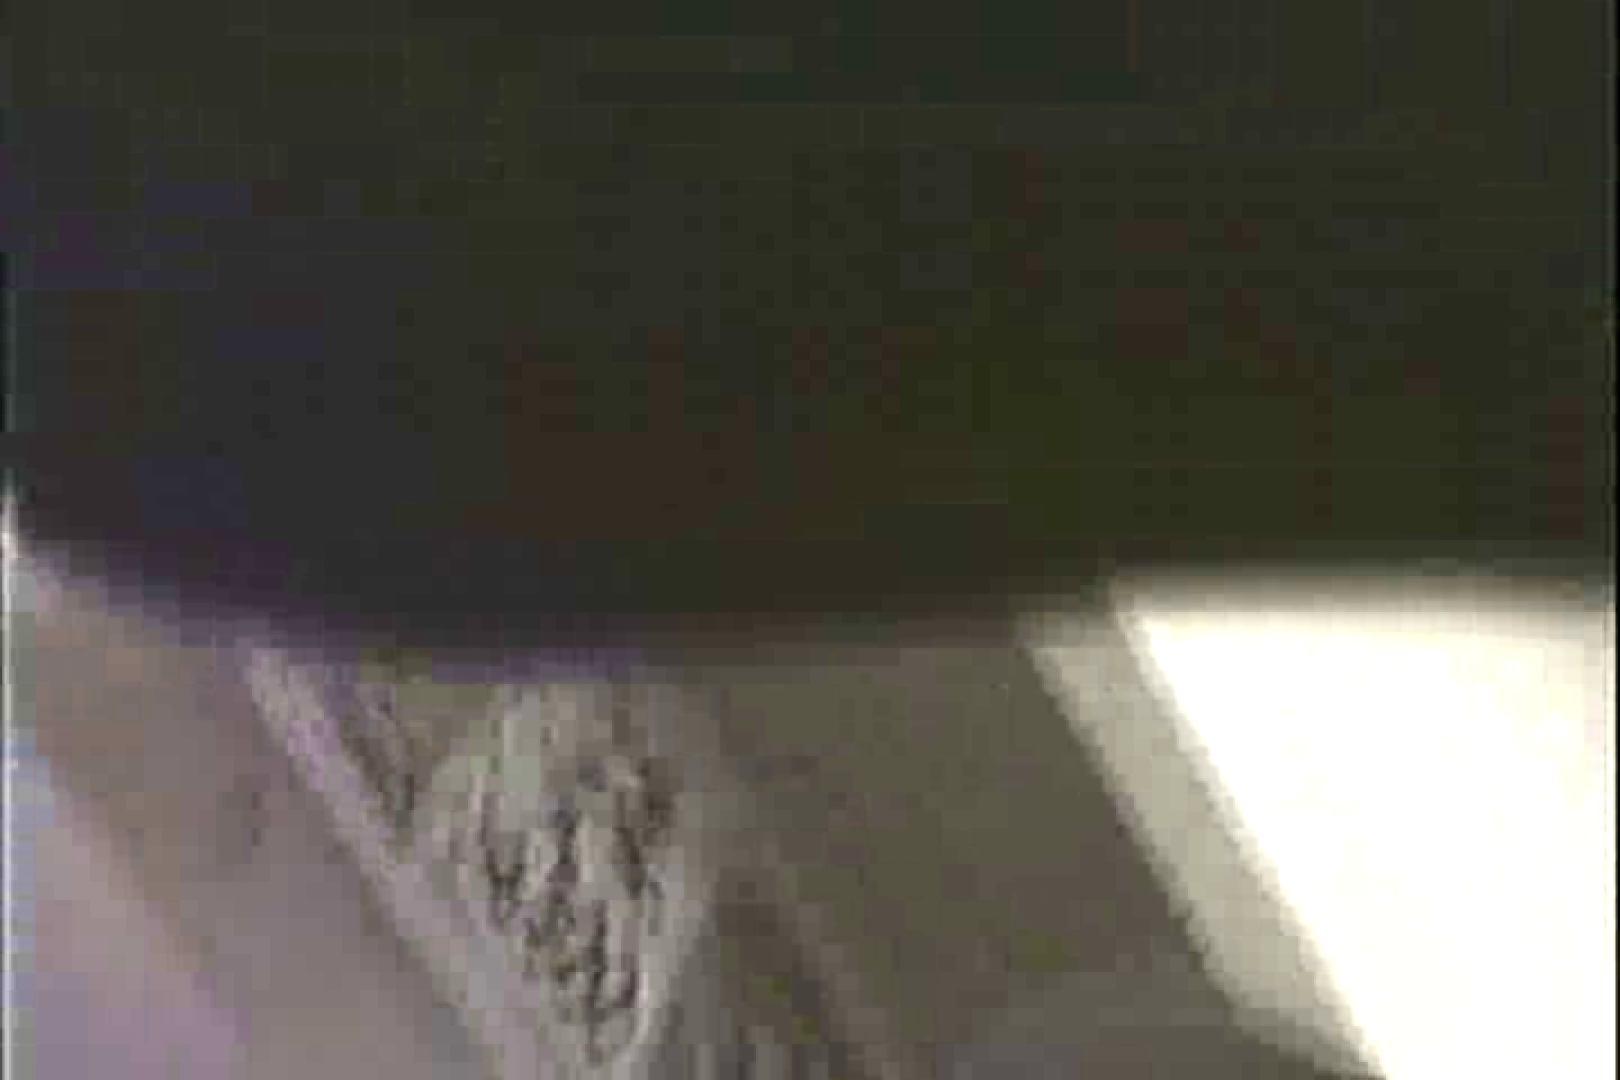 「ちくりん」さんのオリジナル未編集パンチラVol.3_01 OLの実態 | パンツ大放出  103pic 71